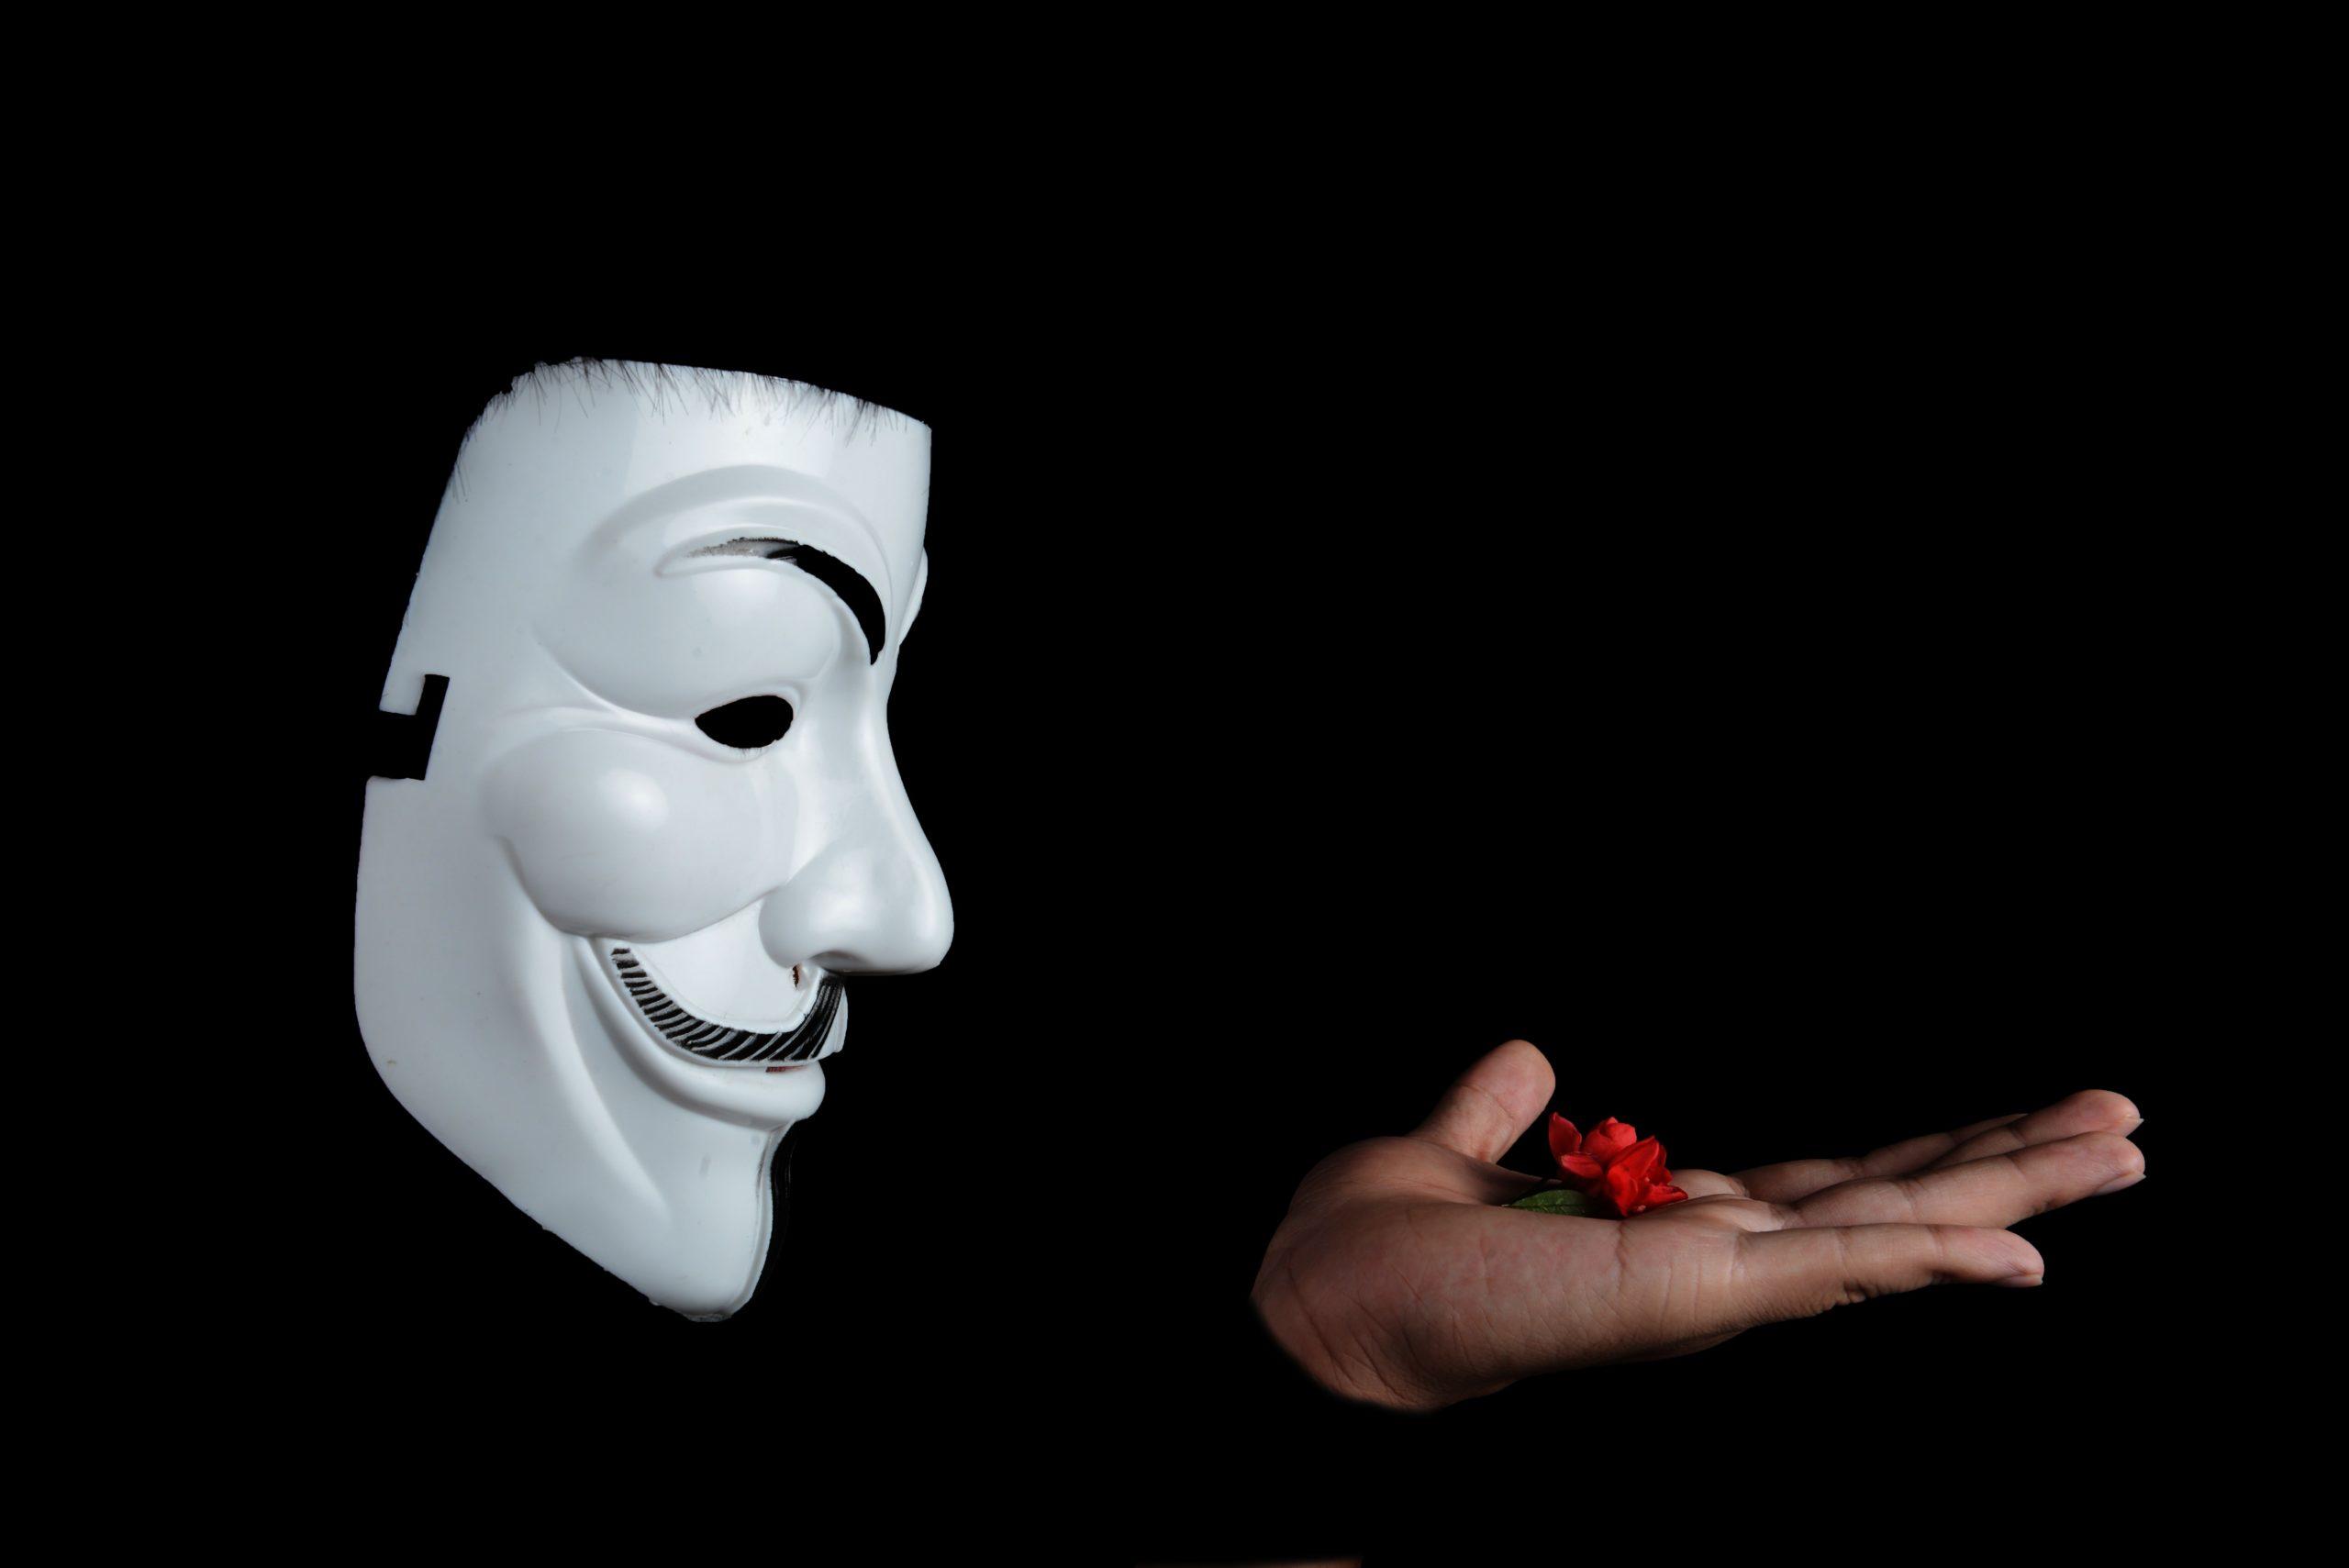 Urządzenia IoT narażone na nowy rodzaj ataku. Cyberprzestępcy wykorzystują łączność Bluetooth